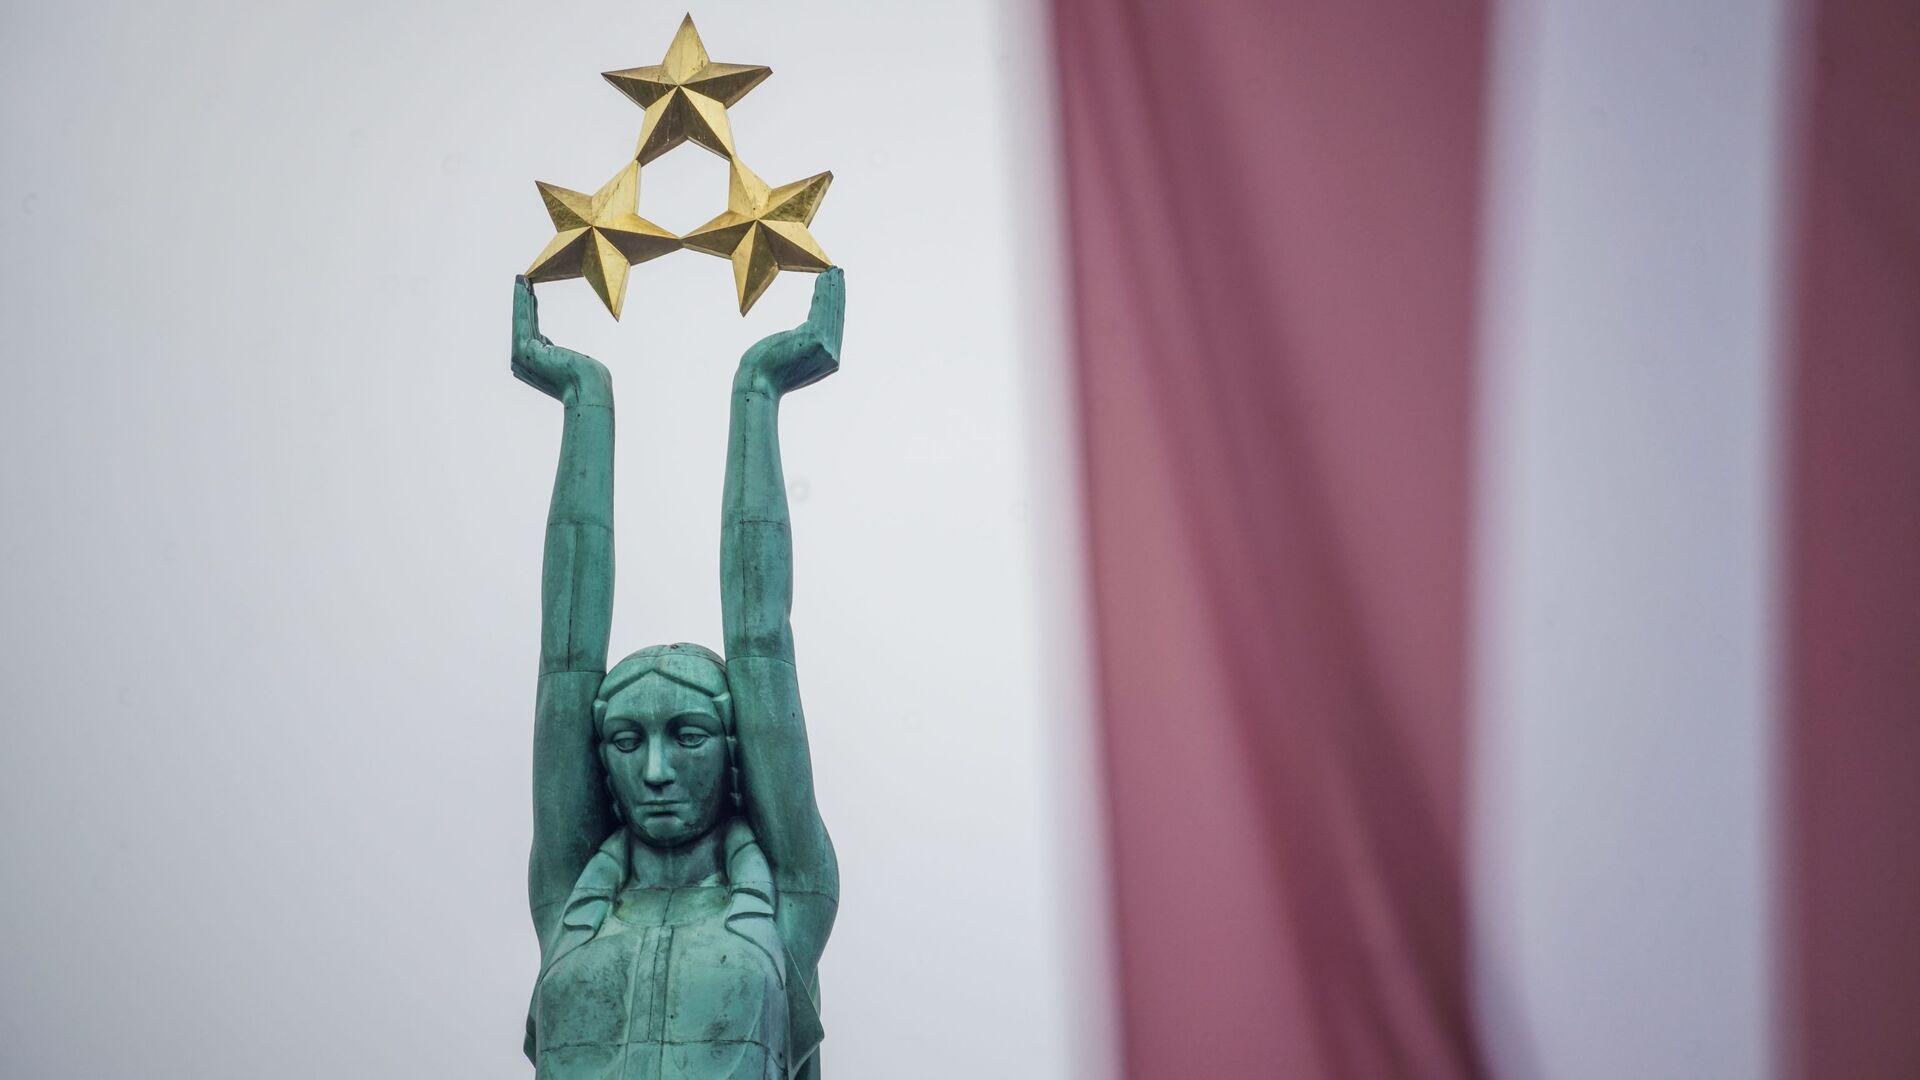 Празднование годовщины восстановления независимости Латвийской Республики в Риге  - Sputnik Латвия, 1920, 07.08.2021